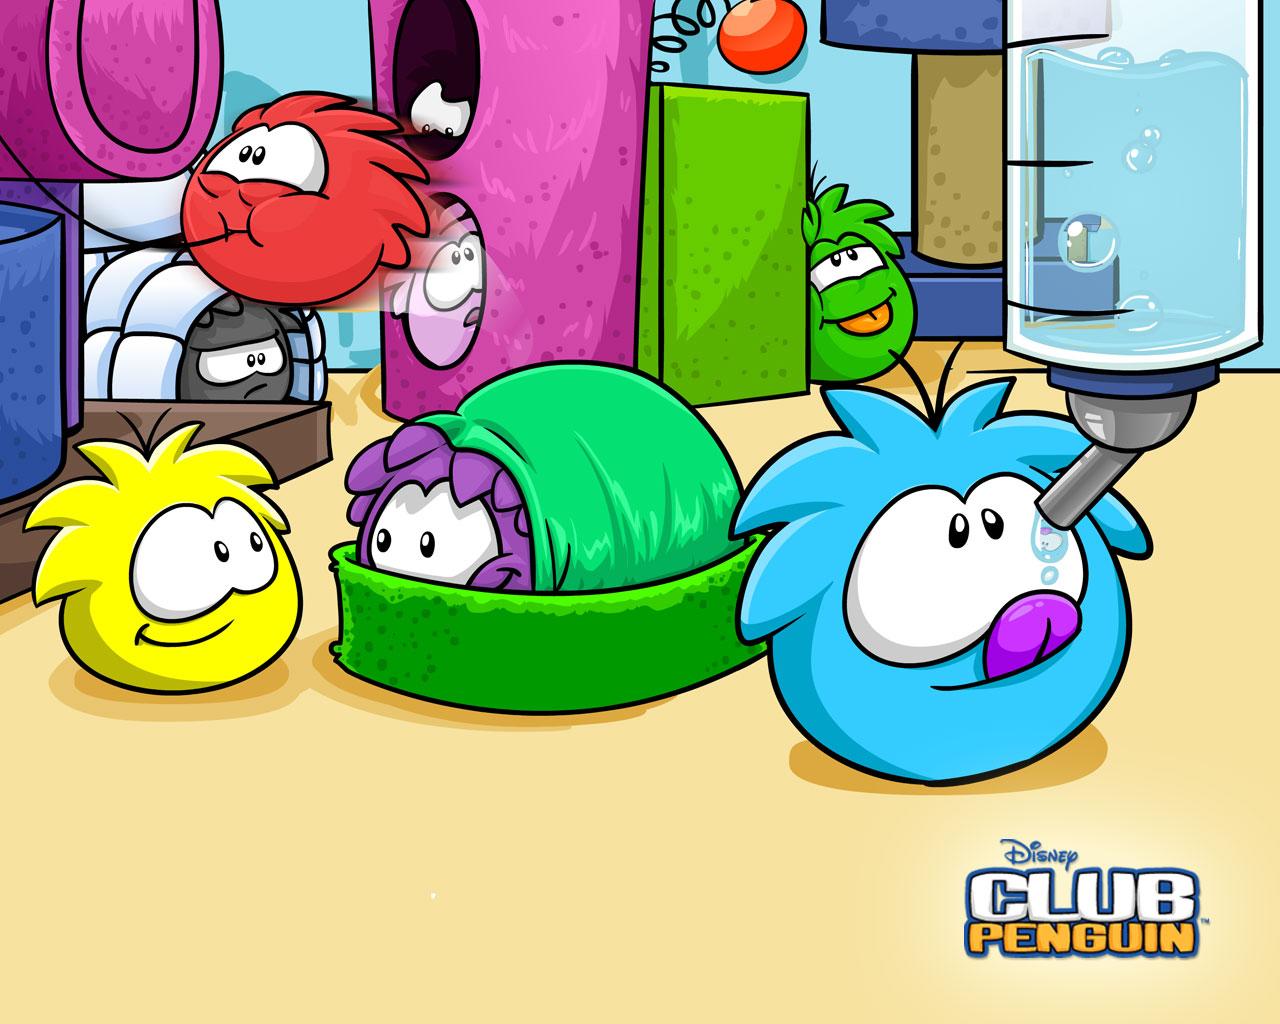 http://2.bp.blogspot.com/-8TwWFrqVTso/TbiFhYQUU9I/AAAAAAAAADI/8Y2laqCl_gI/s1600/club+penguin.jpg